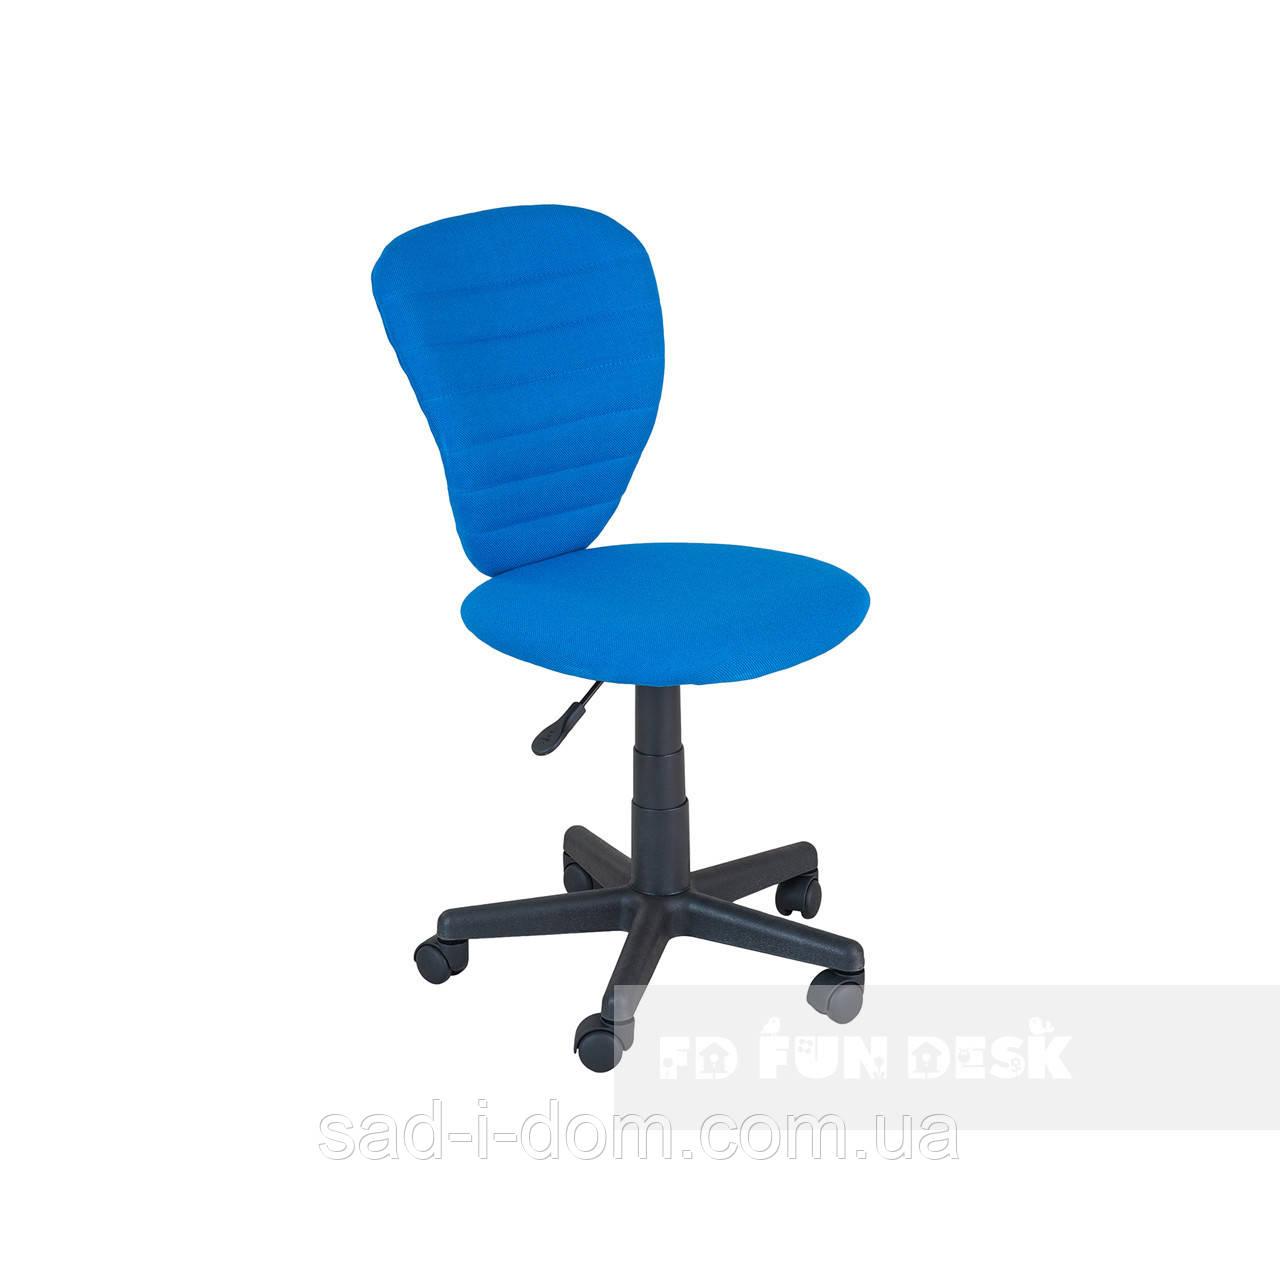 Детское ортопедическое кресло для школьника FunDesk LST2, голубое